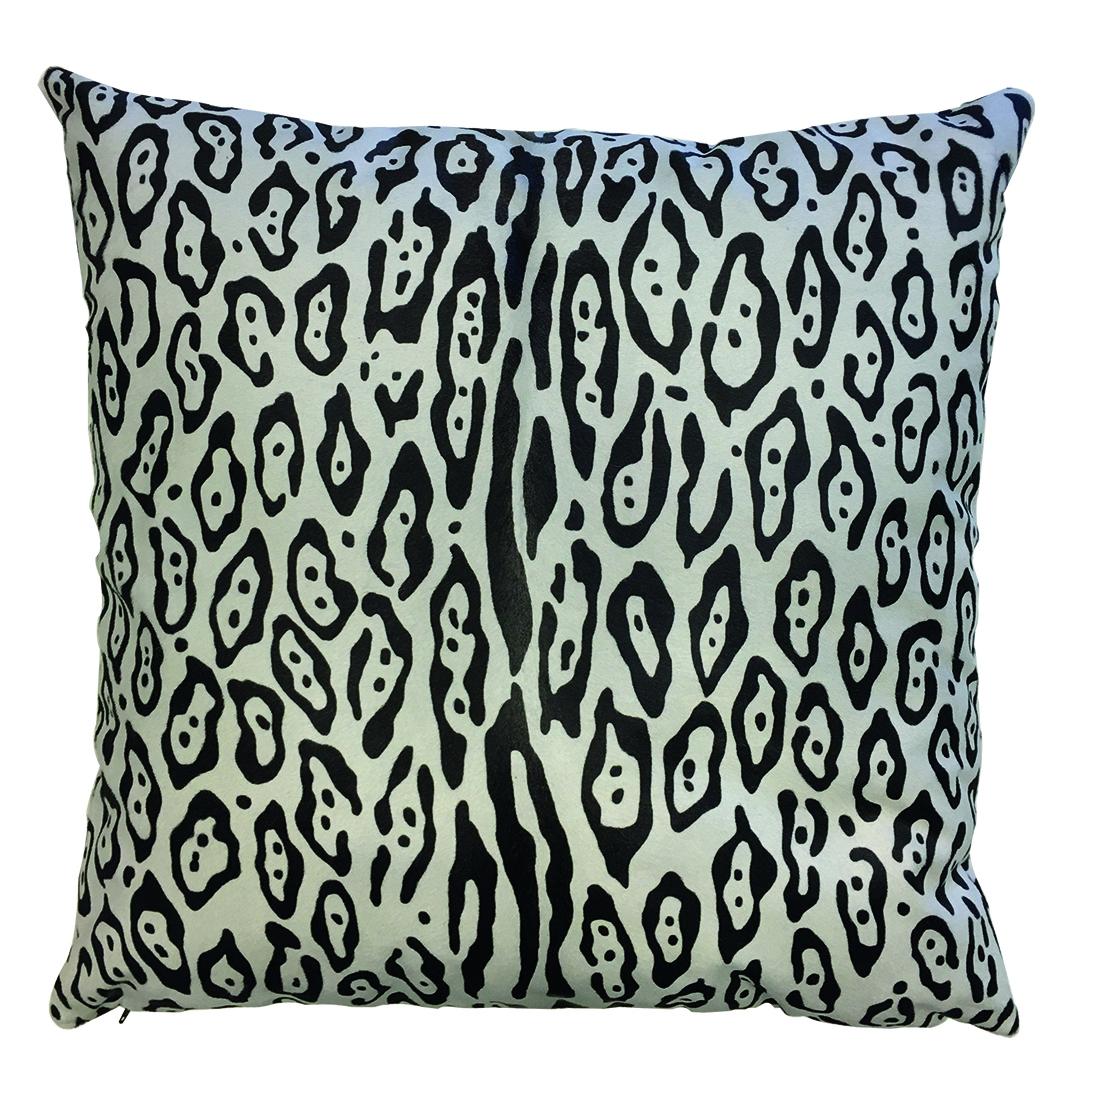 Cavallino Pillow-White_Leopard-50X50CM-CPLEO1018B5050 - ANVOGG FEEL SHEARLING | ANVOGG